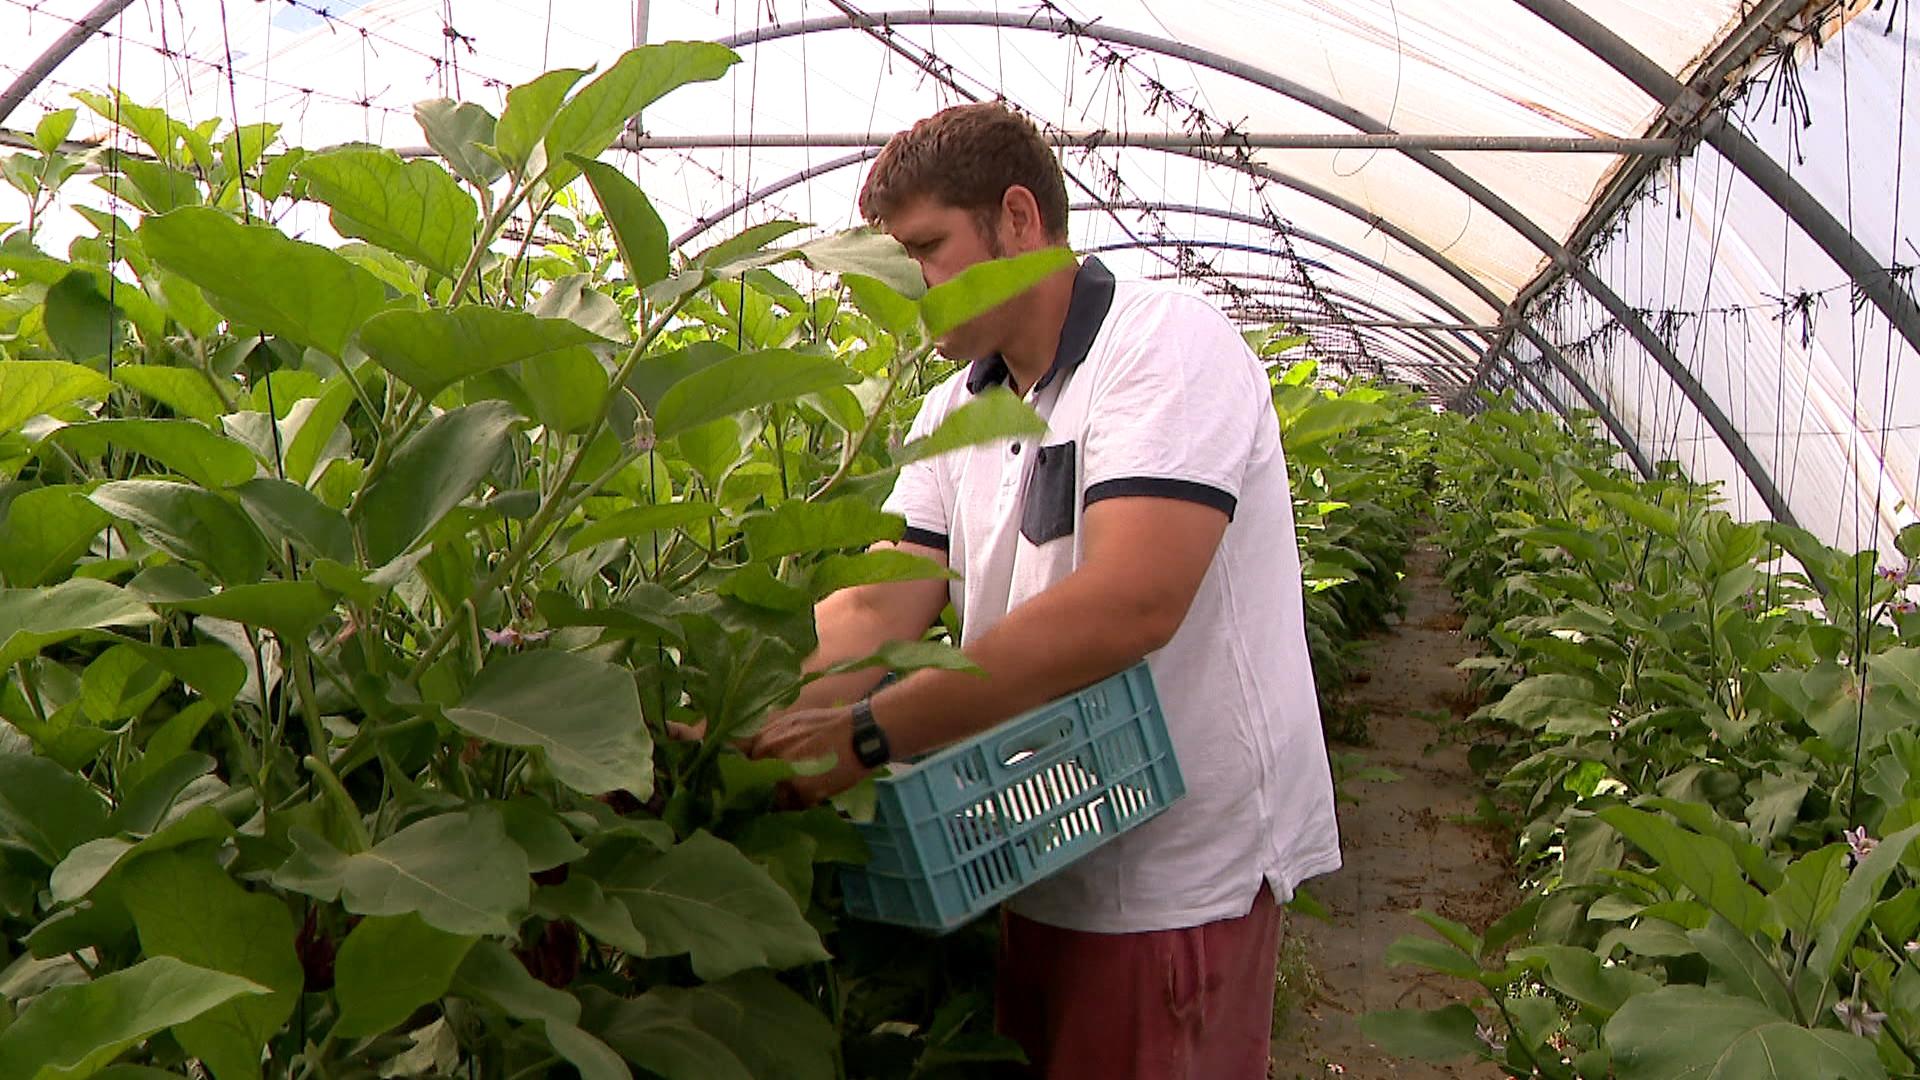 Els+productors+d%27hortalisses+i+fruites+de+Menorca+recelen+de+les+subvencions+per+nova+hect%C3%A0rea+plantada